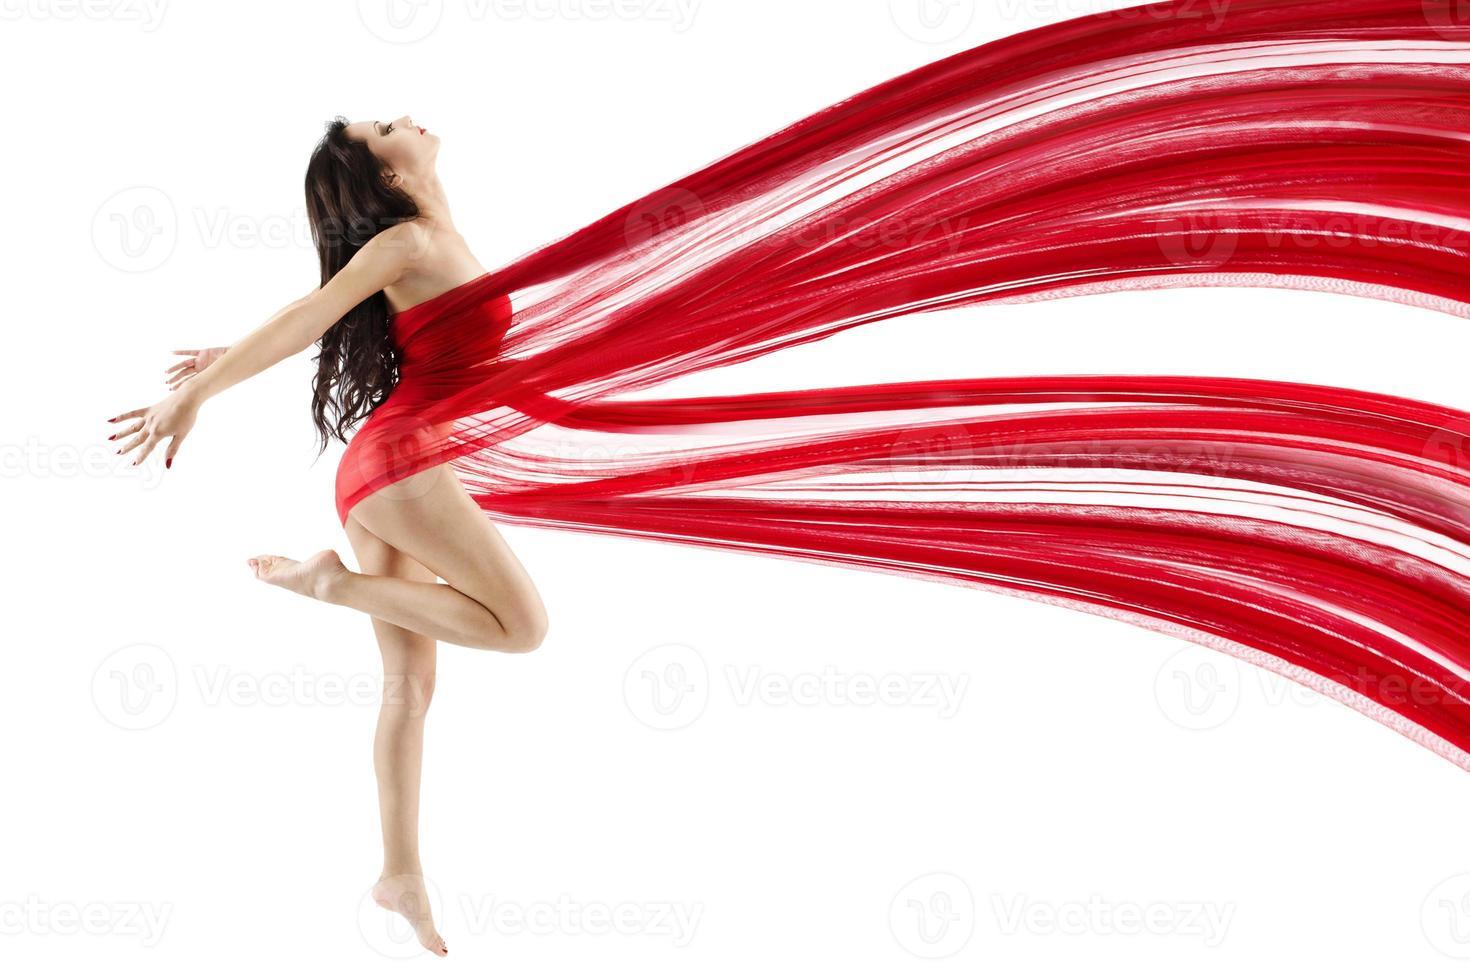 mulher dançando com vermelho voando acenando pano chiffon foto